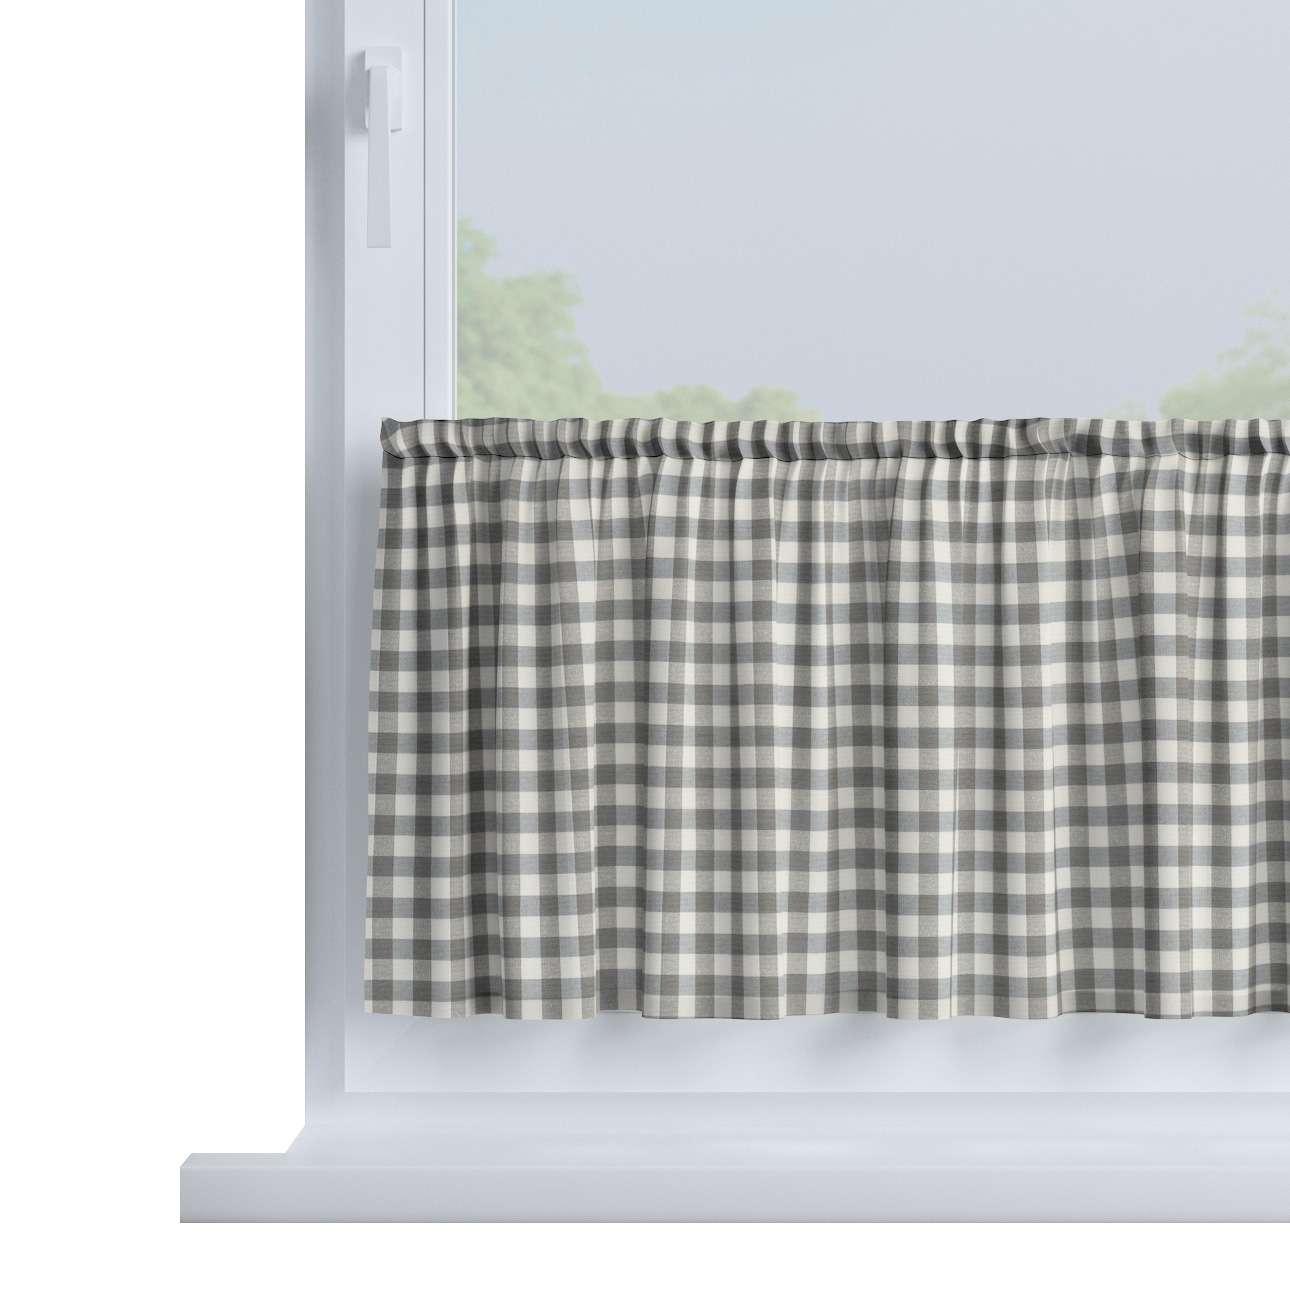 Vitrážka jednoduchá, metráž V kolekcii Quadro, tkanina: 136-11